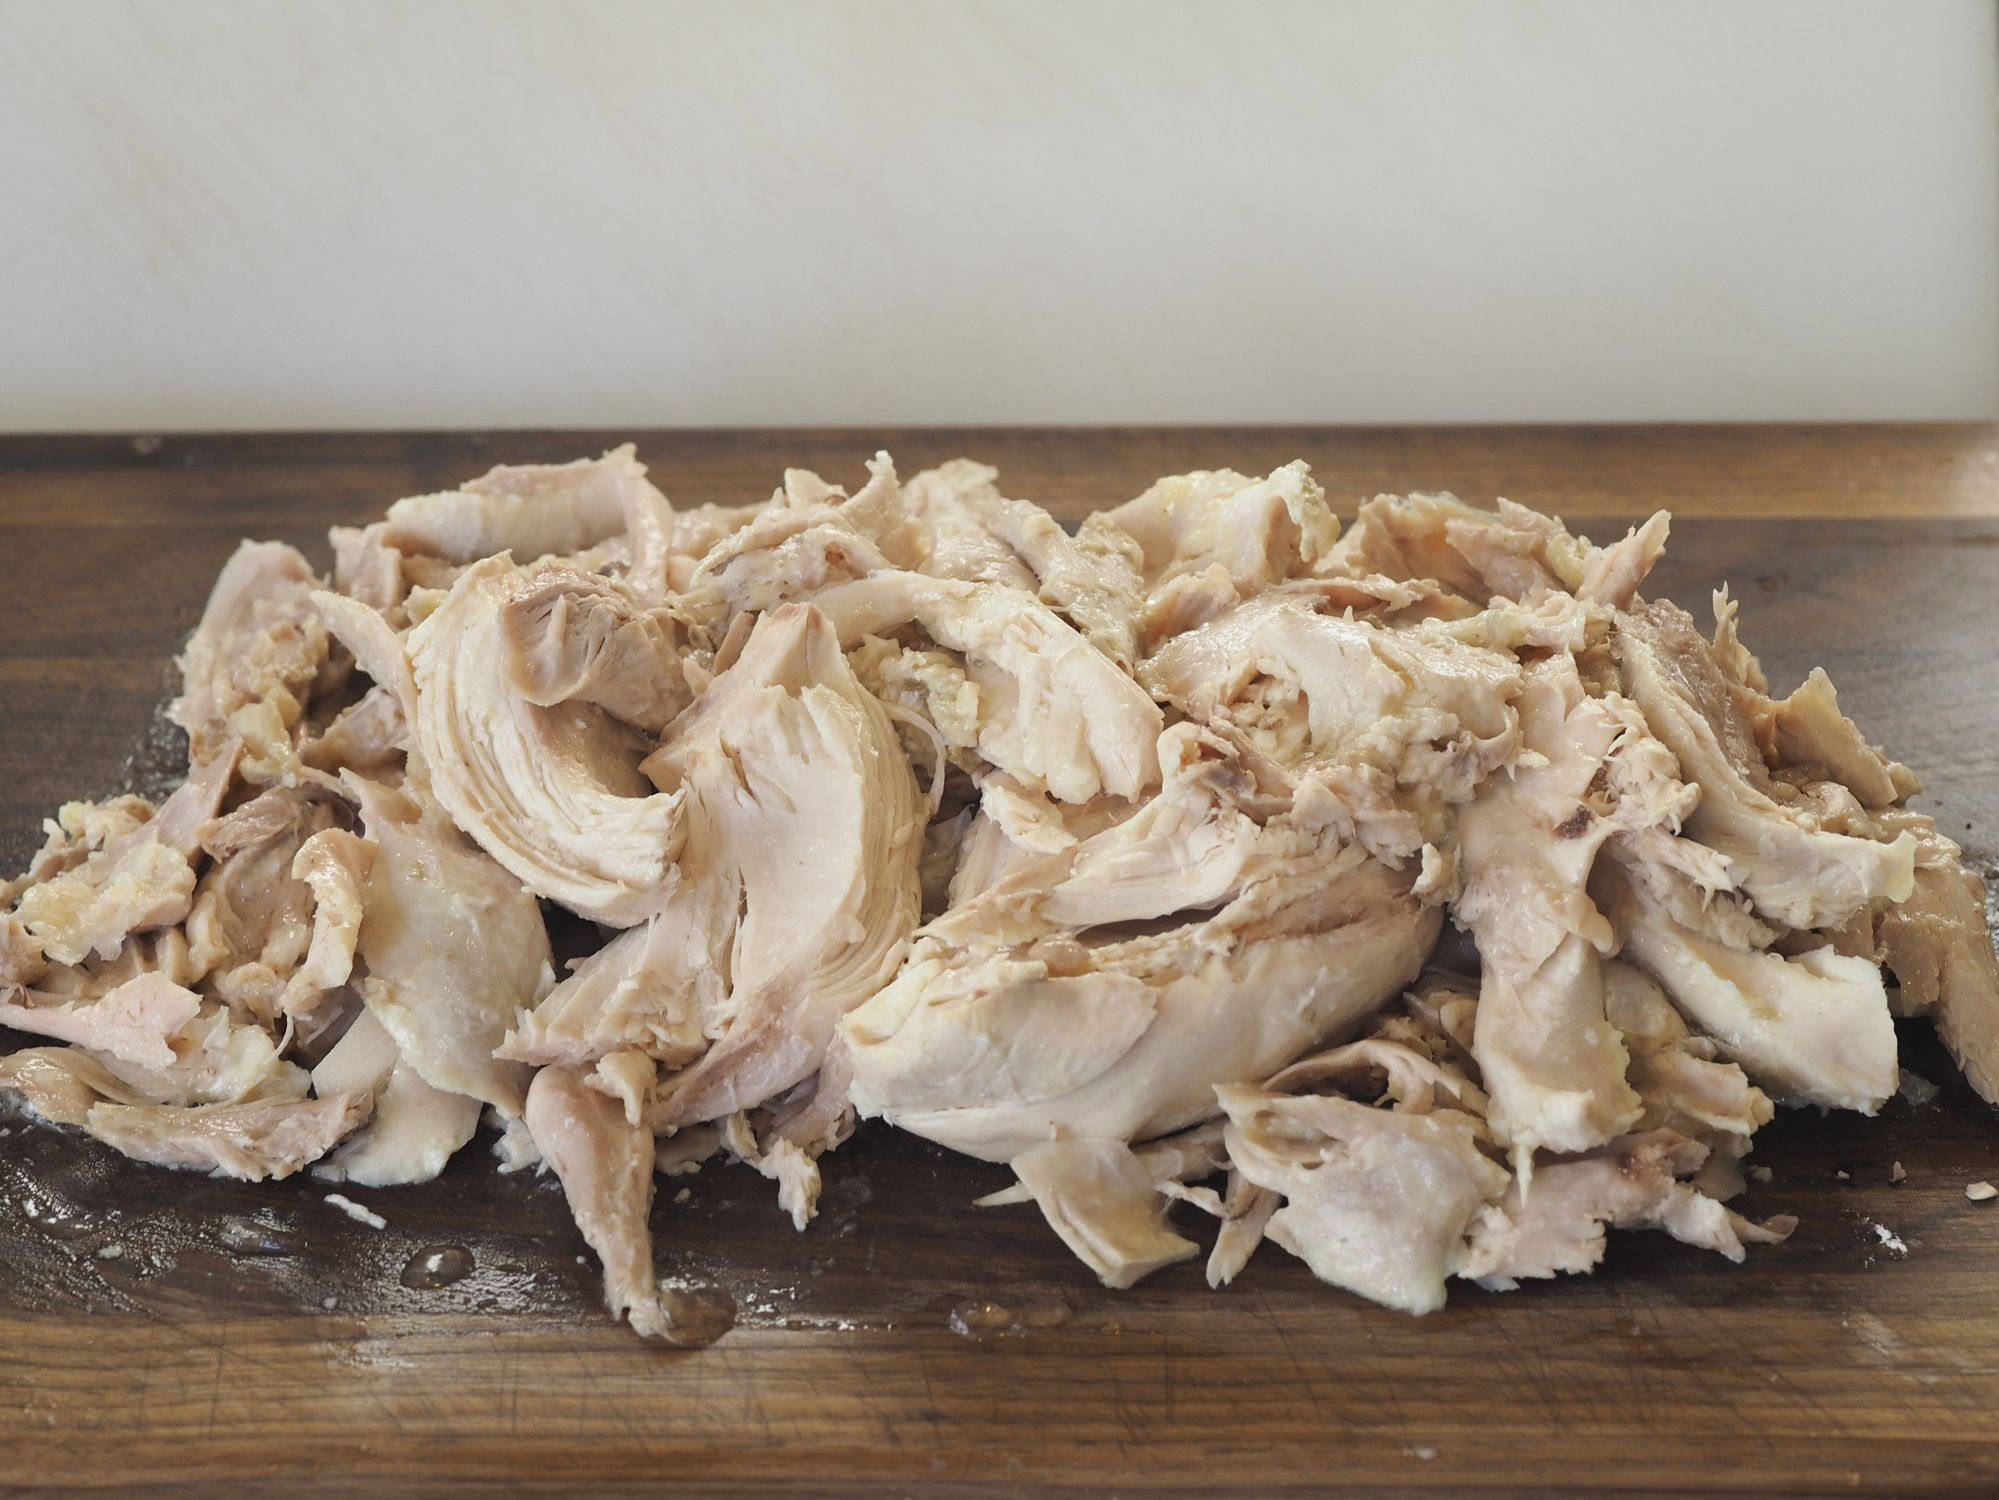 How long do i boil skinless chicken thighs